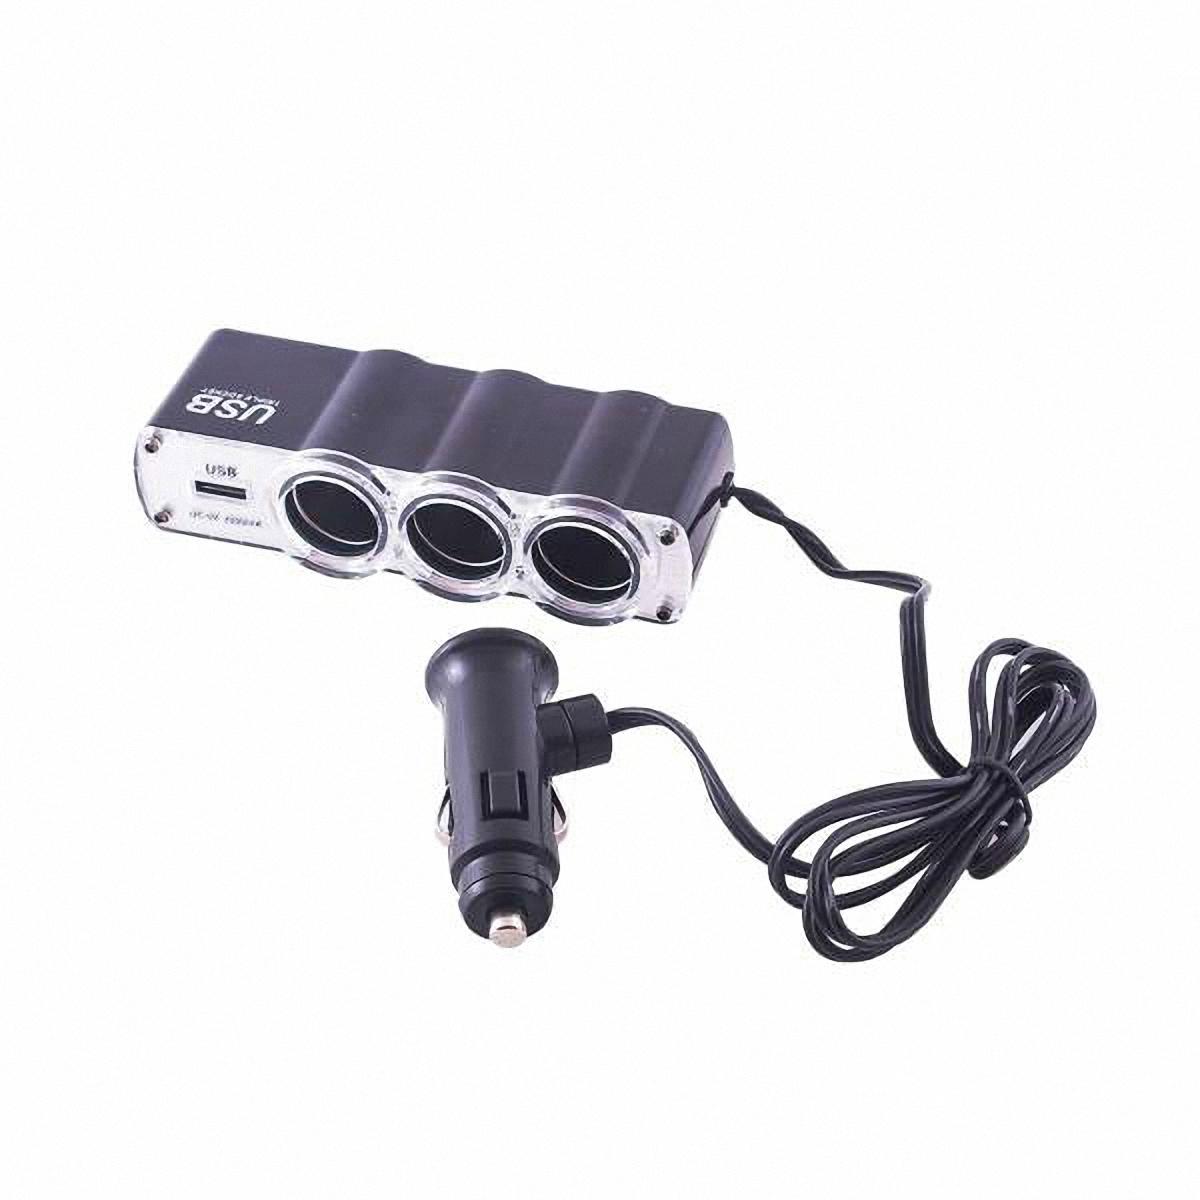 Skyway Разветвитель прикуривателя 3 гнезда + USB. S02301023S02301023Количество гнёзд: 3 Количество USB-портов: 1 Устройство вращается на 180°, вверх и вниз. Устройство используется при мощности 7А. Общая мощность 80 Ватт Предохранитель 5 А. Потребляемая мощность 12 - 24 В